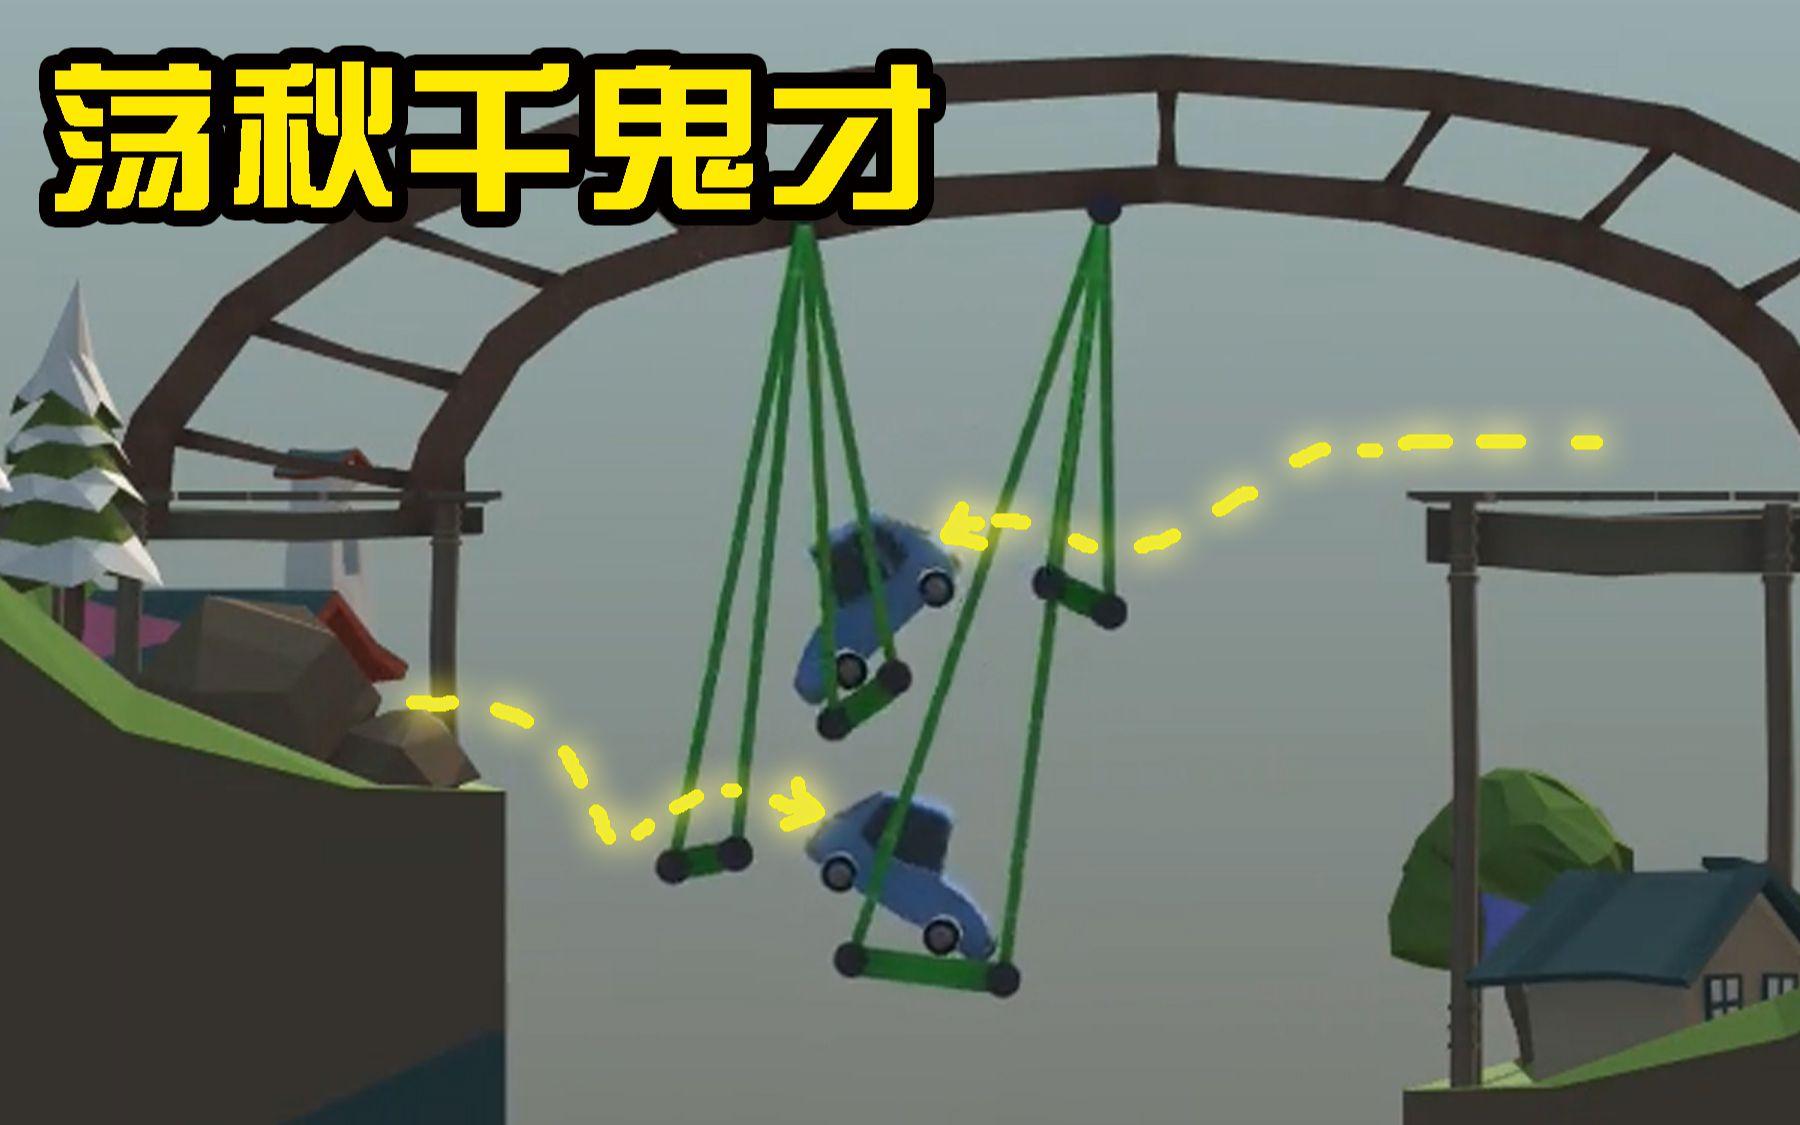 林嘉驹带你造大桥#第一期